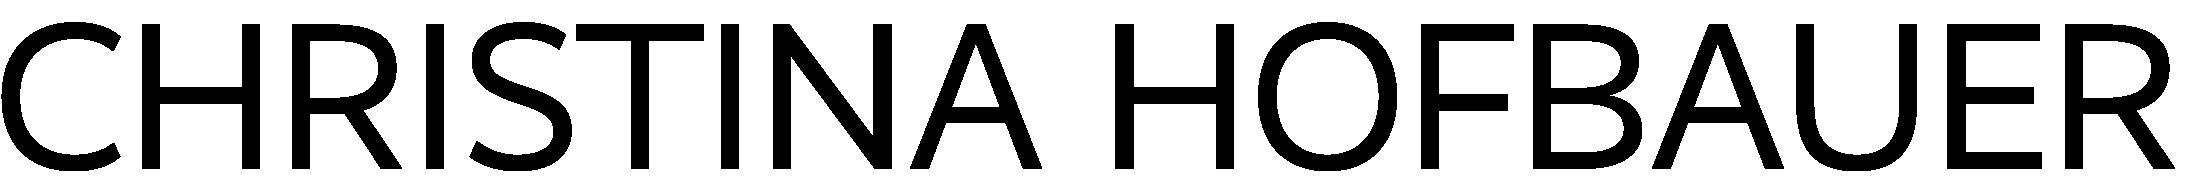 LOGO-1_CH_Zeichenfläche 1